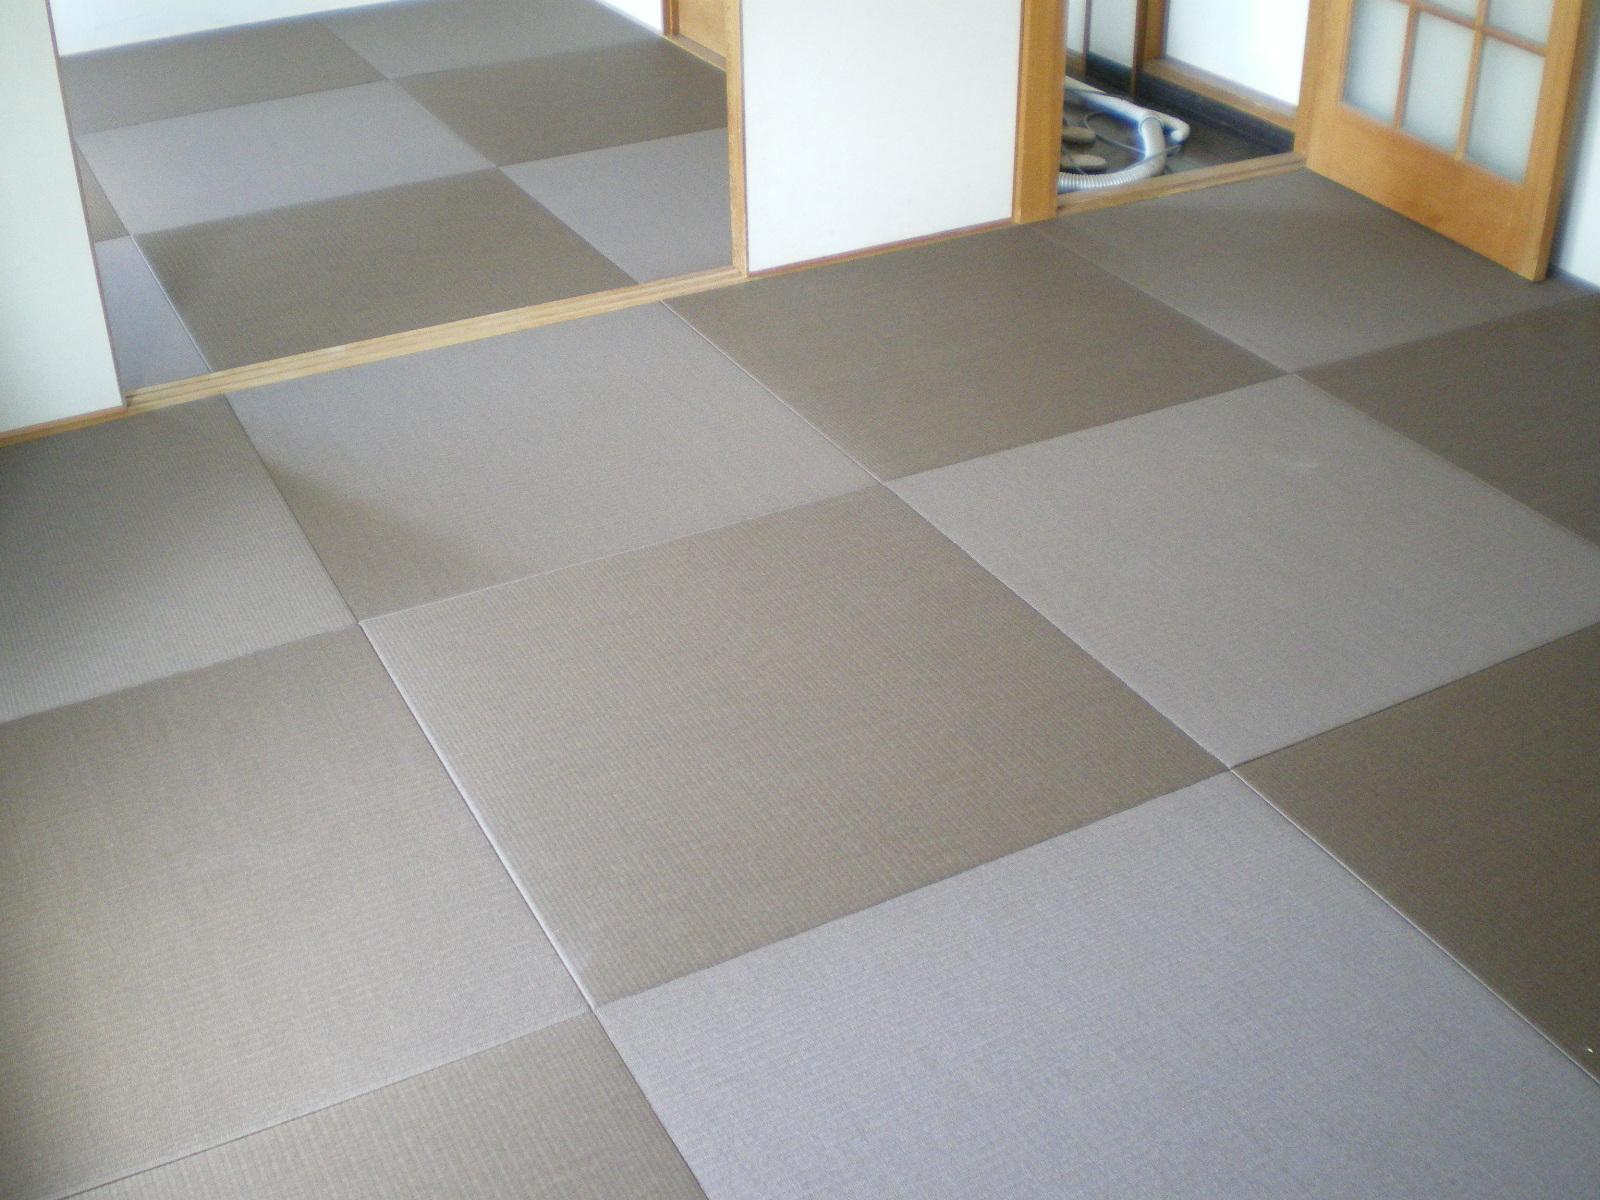 へりなし琉球畳(カクテルフィット栗色×胡桃色)